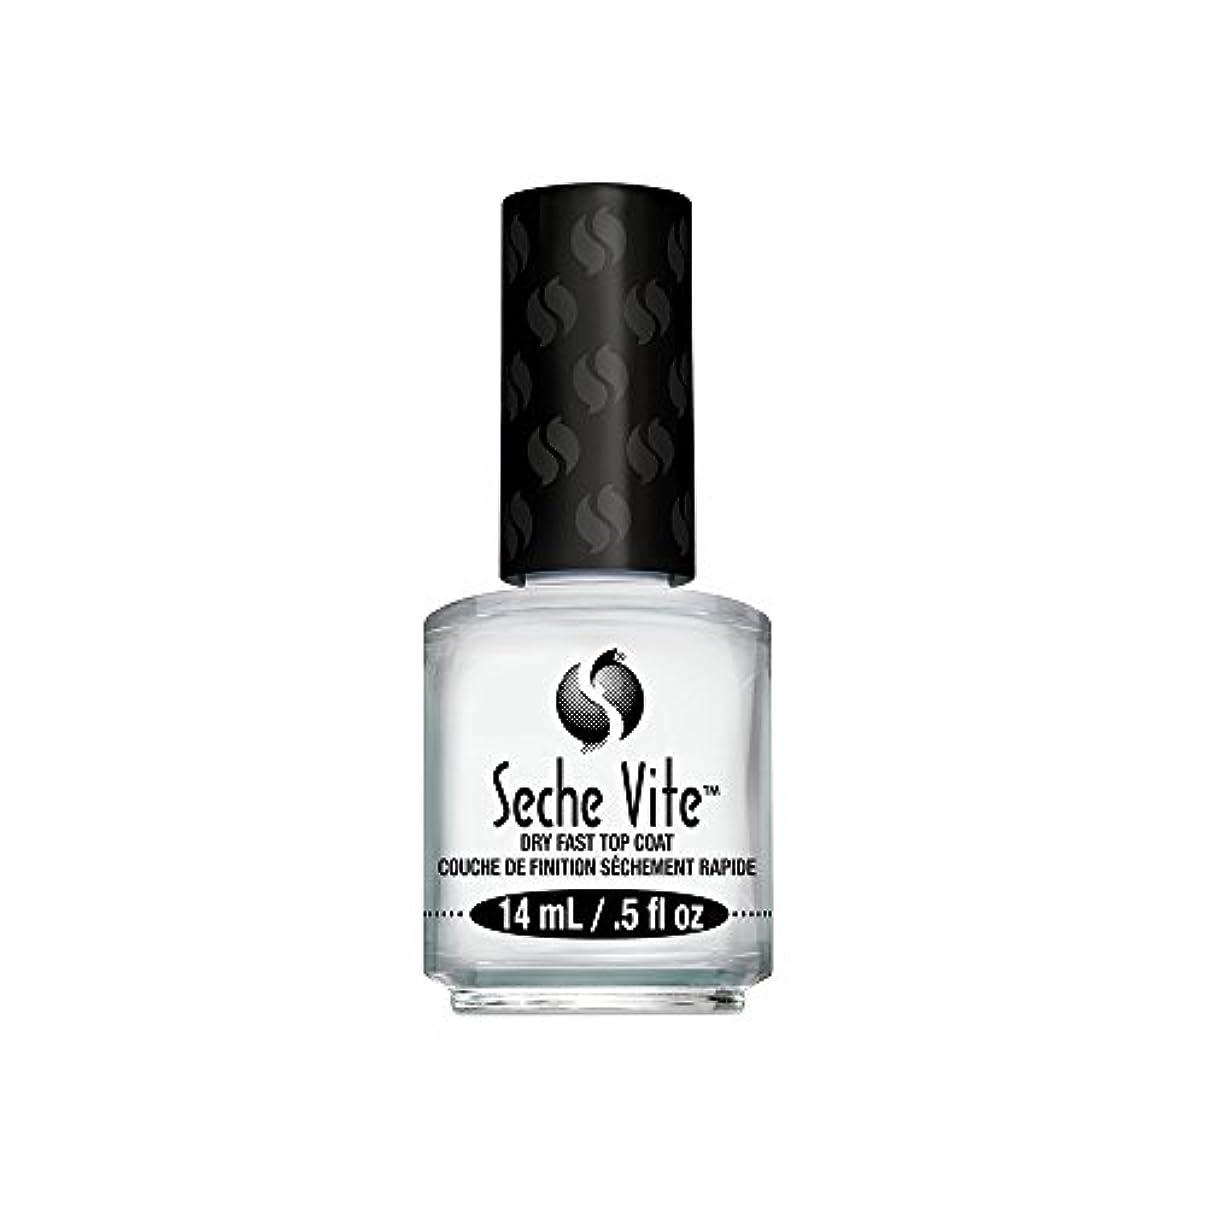 リスキーな悲観主義者電子レンジ(3 Pack) SECHE Vite Dry Fast Top Coat (並行輸入品)